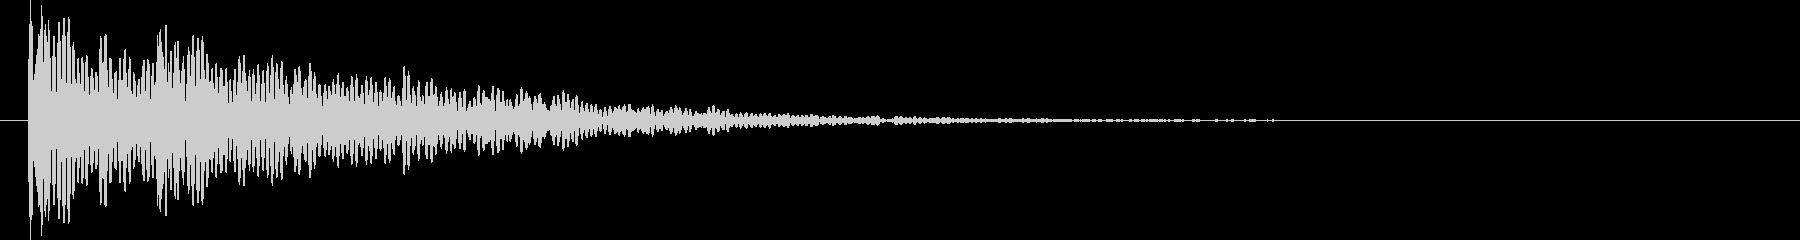 ドゥグーン。心臓の音F(ウネリ・残響)の未再生の波形